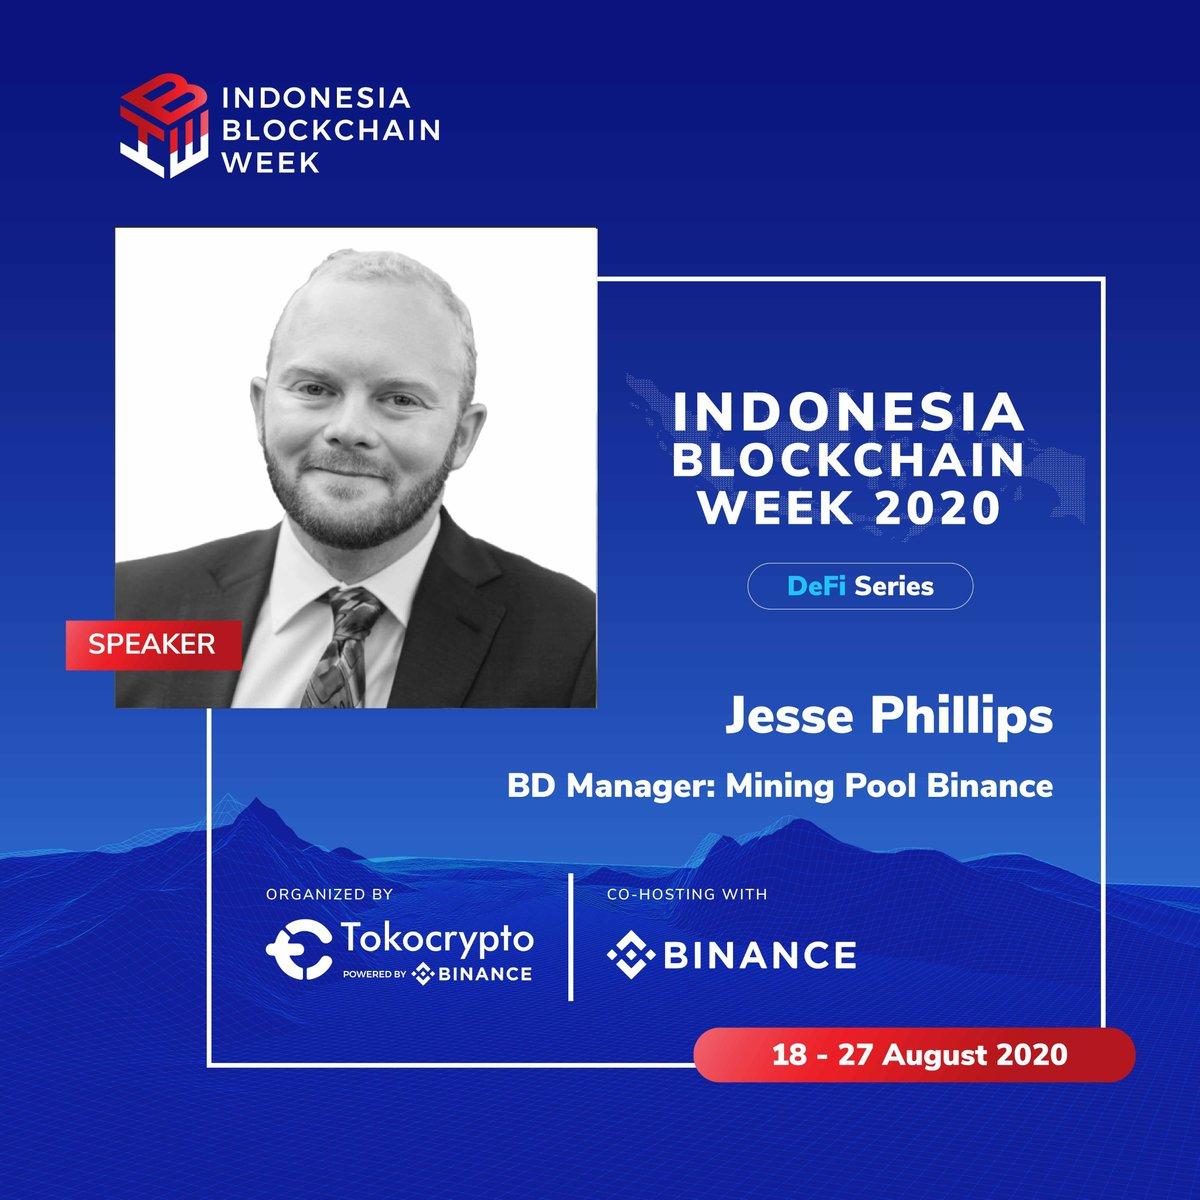 Jesse Phillips, de Binance Mining Pool, ofreció algunas opiniones sobre las ventajas y desventajas del staking descentralizado para obtener ingresos pasivos durante la Indonesia Blockchain Week.